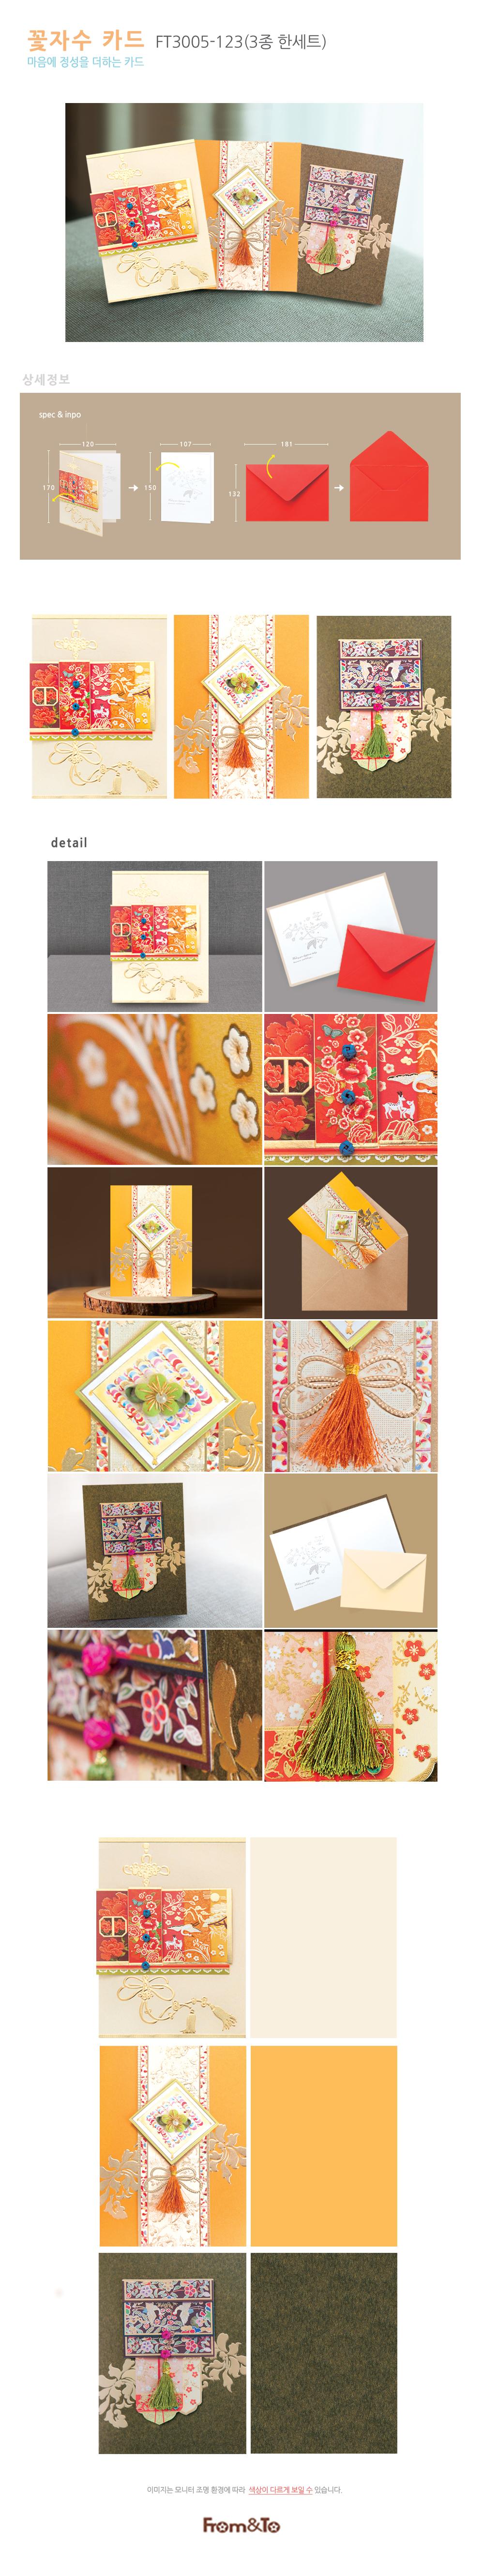 꽃자수 카드 FT3005-123 (3종 한세트) - 프롬앤투, 8,100원, 카드, 카드 세트